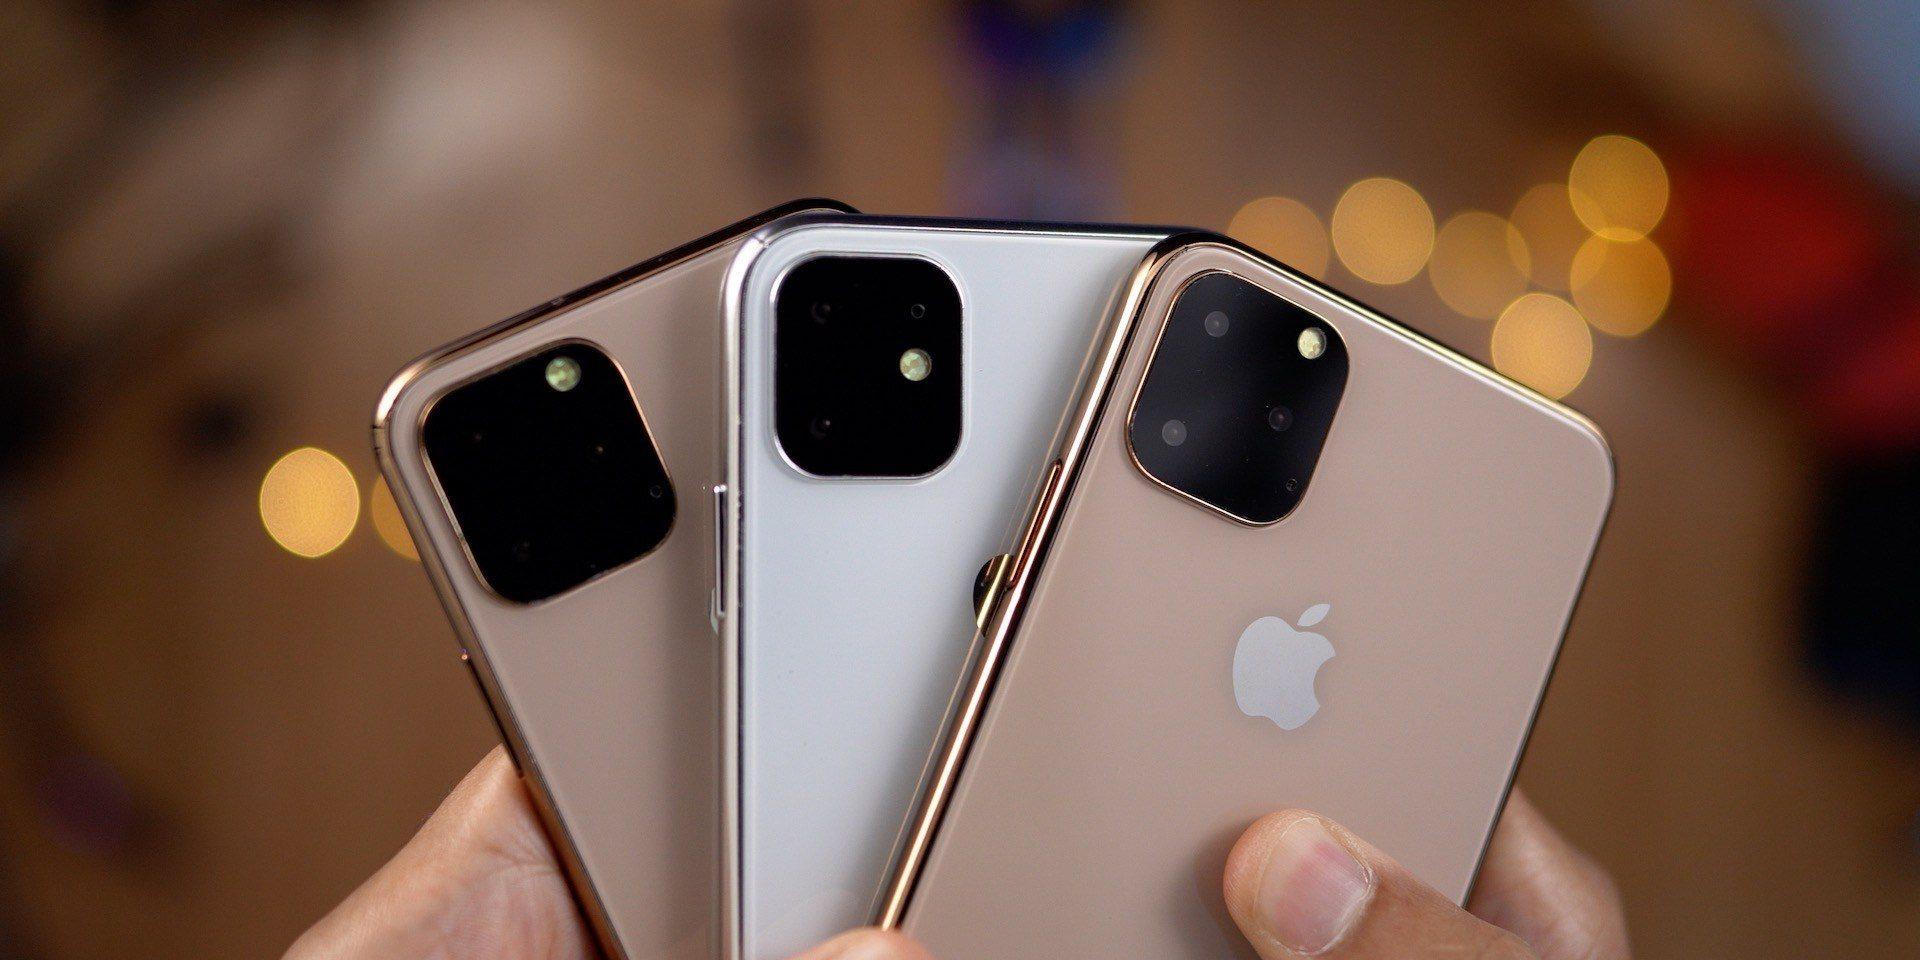 iPhone 2019 údajně nabídne větší baterii a další novinky